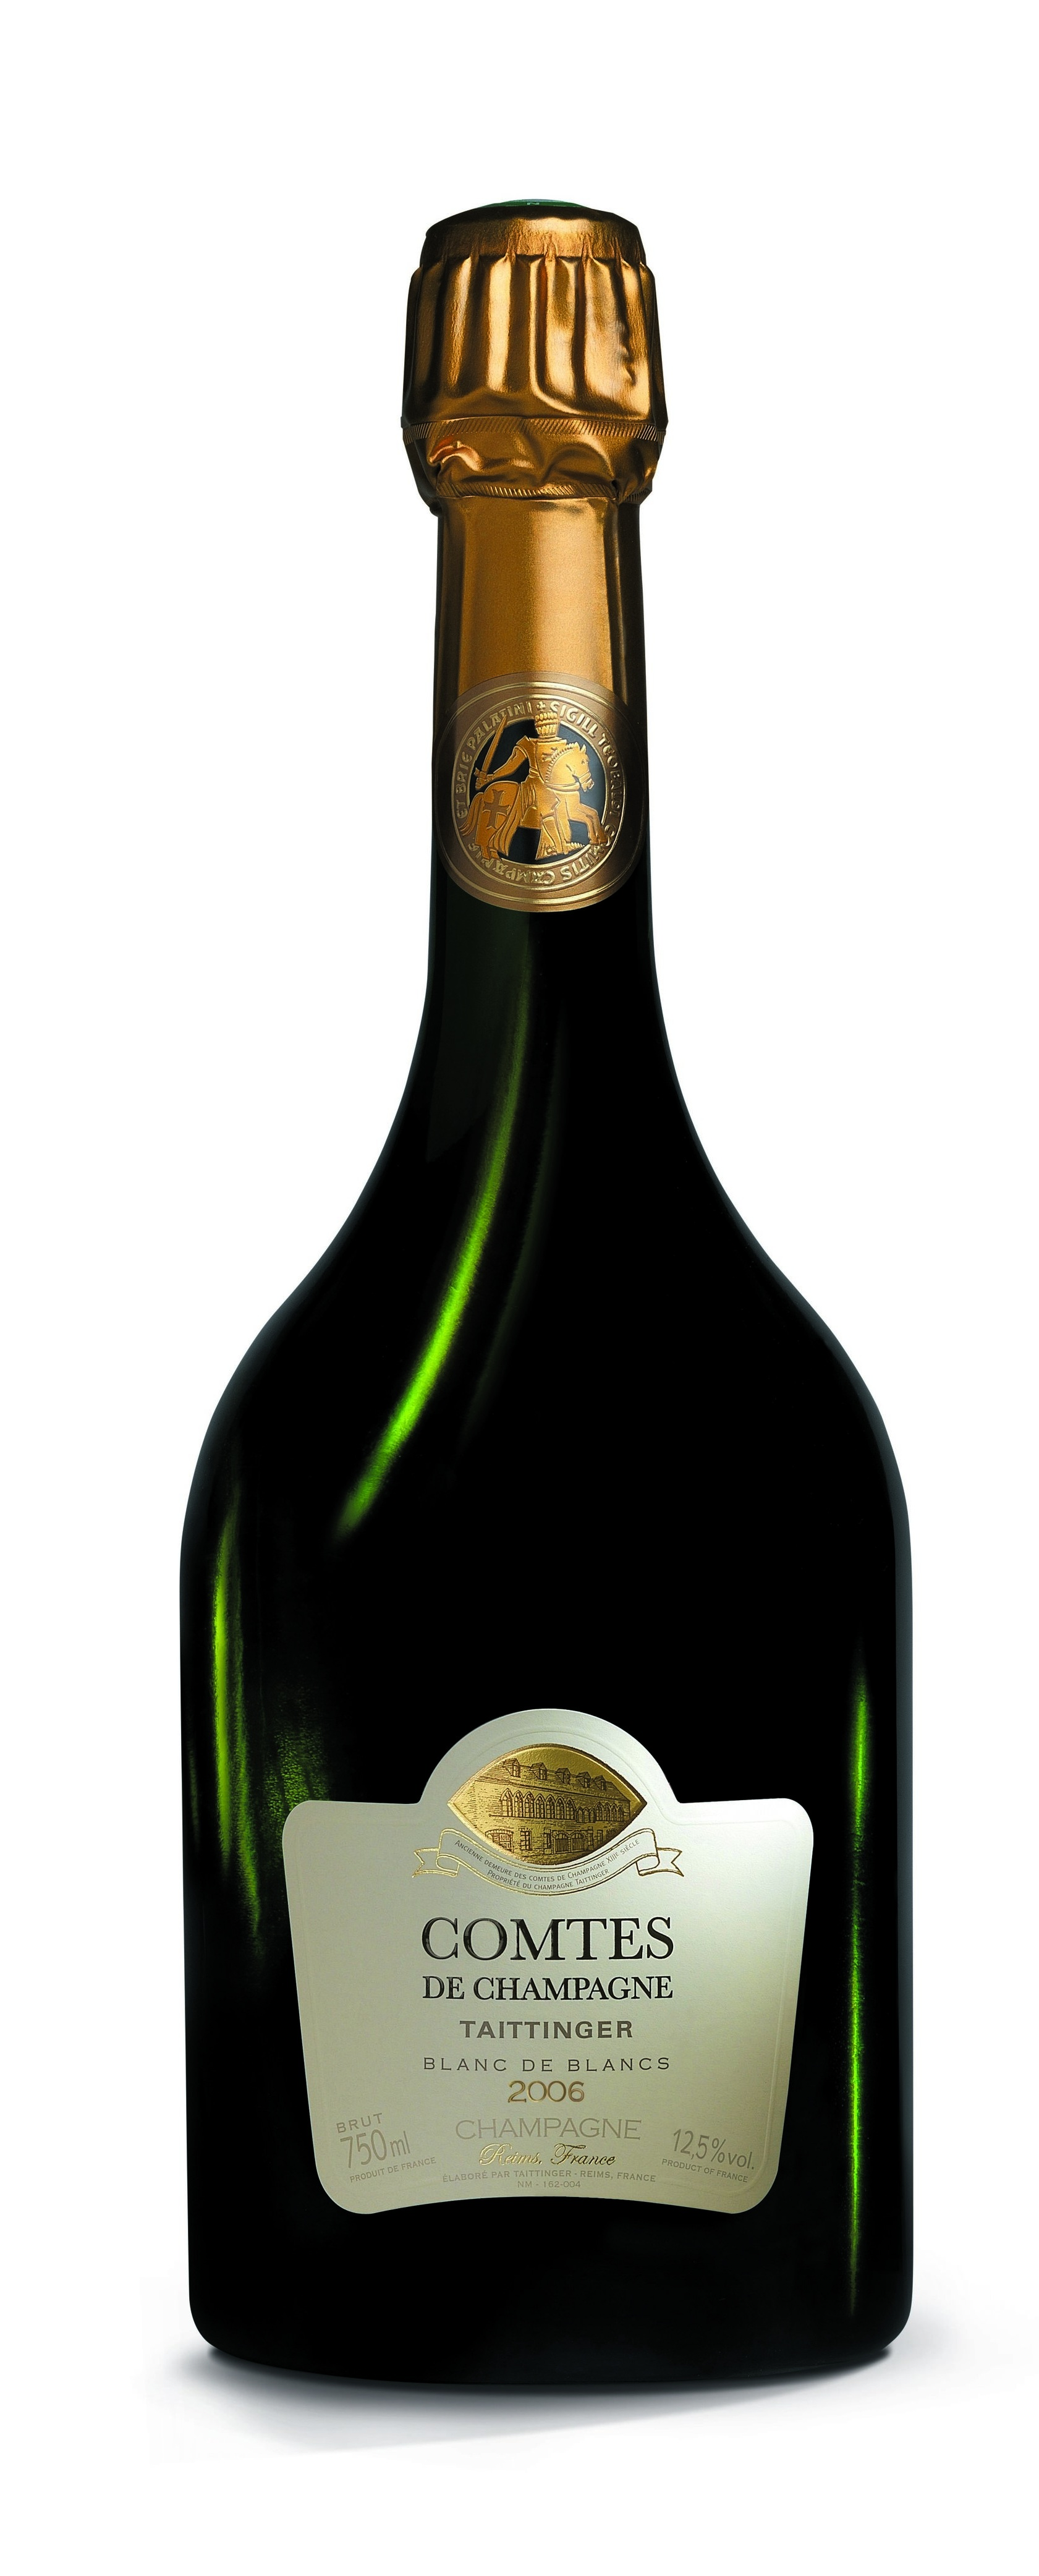 """TAITTINGER COMTES DE CHAMPAGNE BLANC DE BLANCS 2006 - """"Perfecto para una celebración excepcional, este champagne se marida también idealmente con un entrante a base de mariscos, crustáceos finos o pescado""""""""Nunca produciremos grandes cantidades de Champagne Comtes porque los estándares técnicos que elegimos mantener para hacer un vino excepcional son casi únicos en Champagne. Una combinación triunfal de poder y elegancia, Champagne Comtes muestra una eterna juventud que proviene de los mejores Chardonnays de la región. Los conocedores de todo el mundo podrán apreciarlo."""